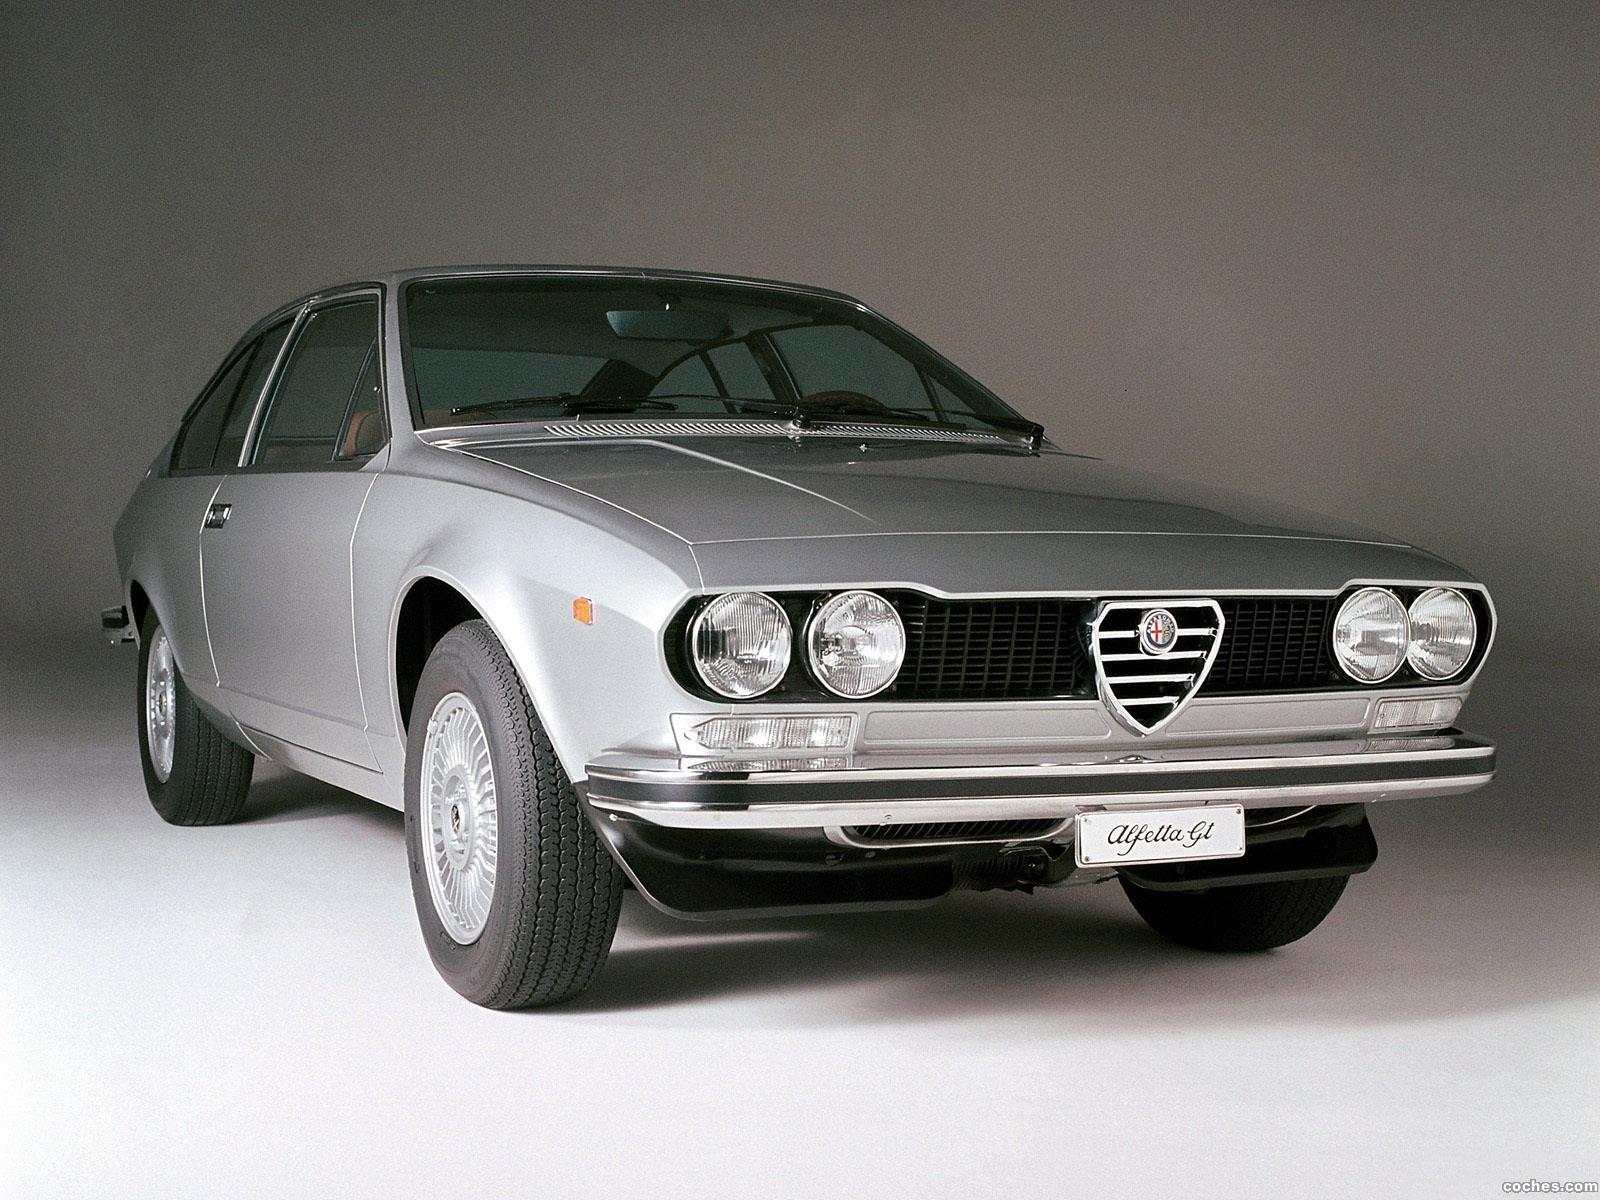 Foto 0 de Alfetta GT 1974